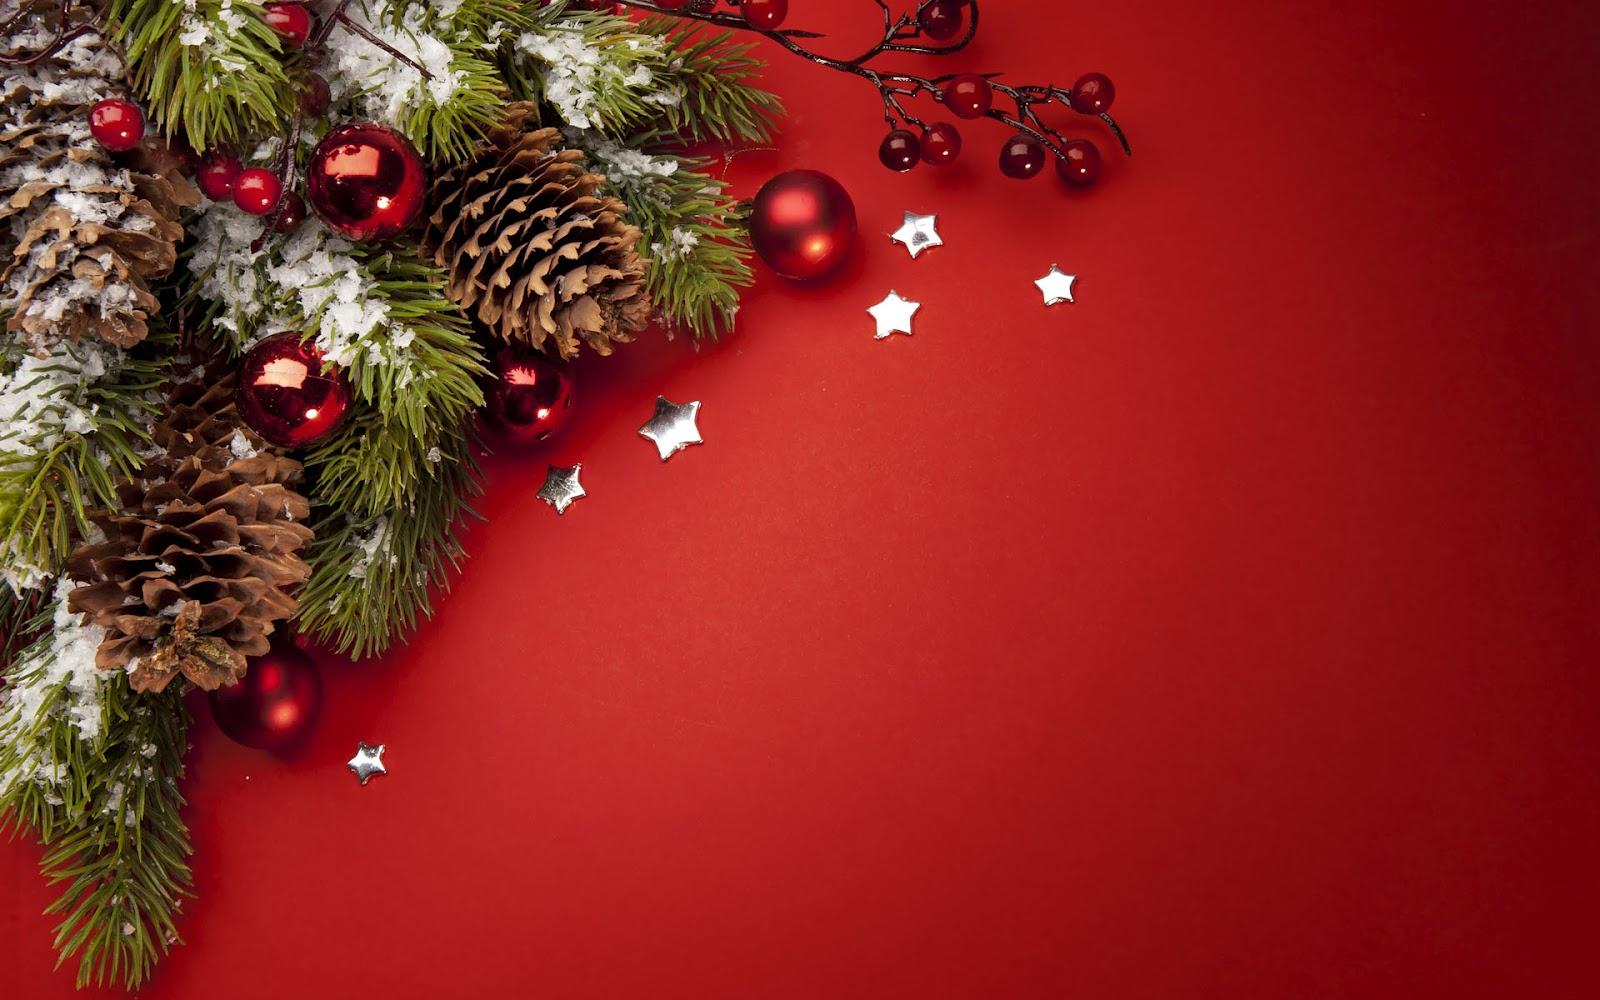 http://2.bp.blogspot.com/-QhfzkNZEuDc/UFoVO2oOqUI/AAAAAAAACsc/Qr7A0b59rXA/s1600/hd-rode-kerst-wallpaper-met-dennenappels-en-rode-kerstballen-hd-rode-kerst-achtergrond.jpg